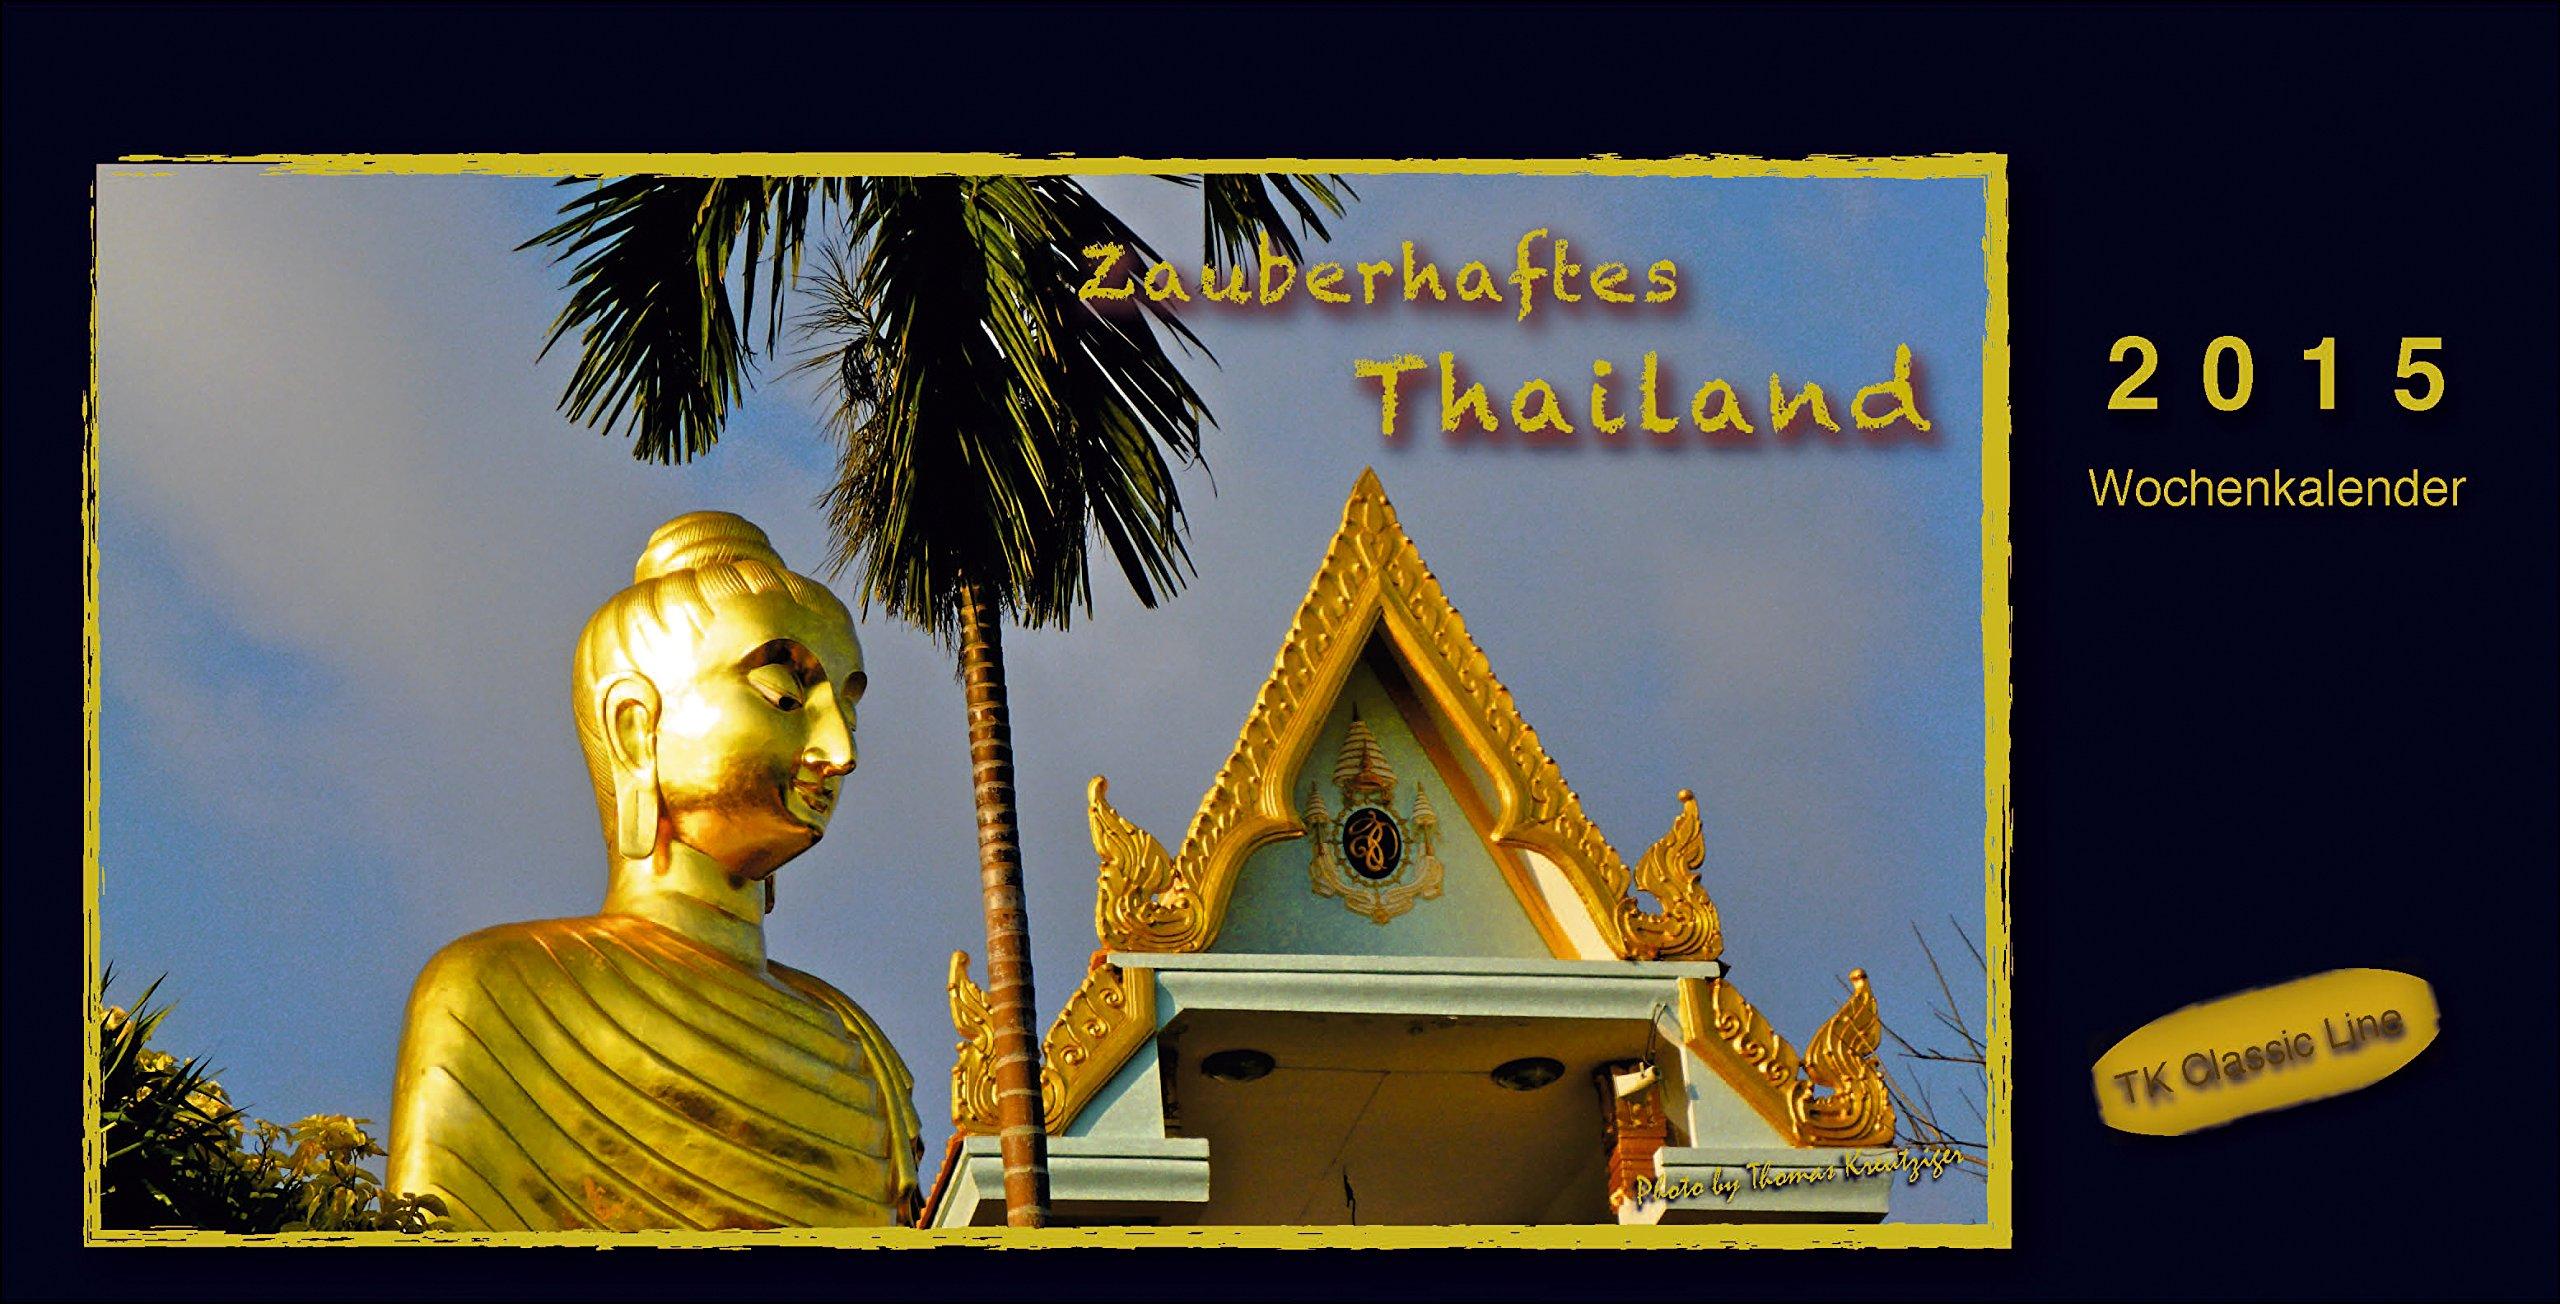 Zauberhaftes Thailand - Aufstell- Tischkalender 2015